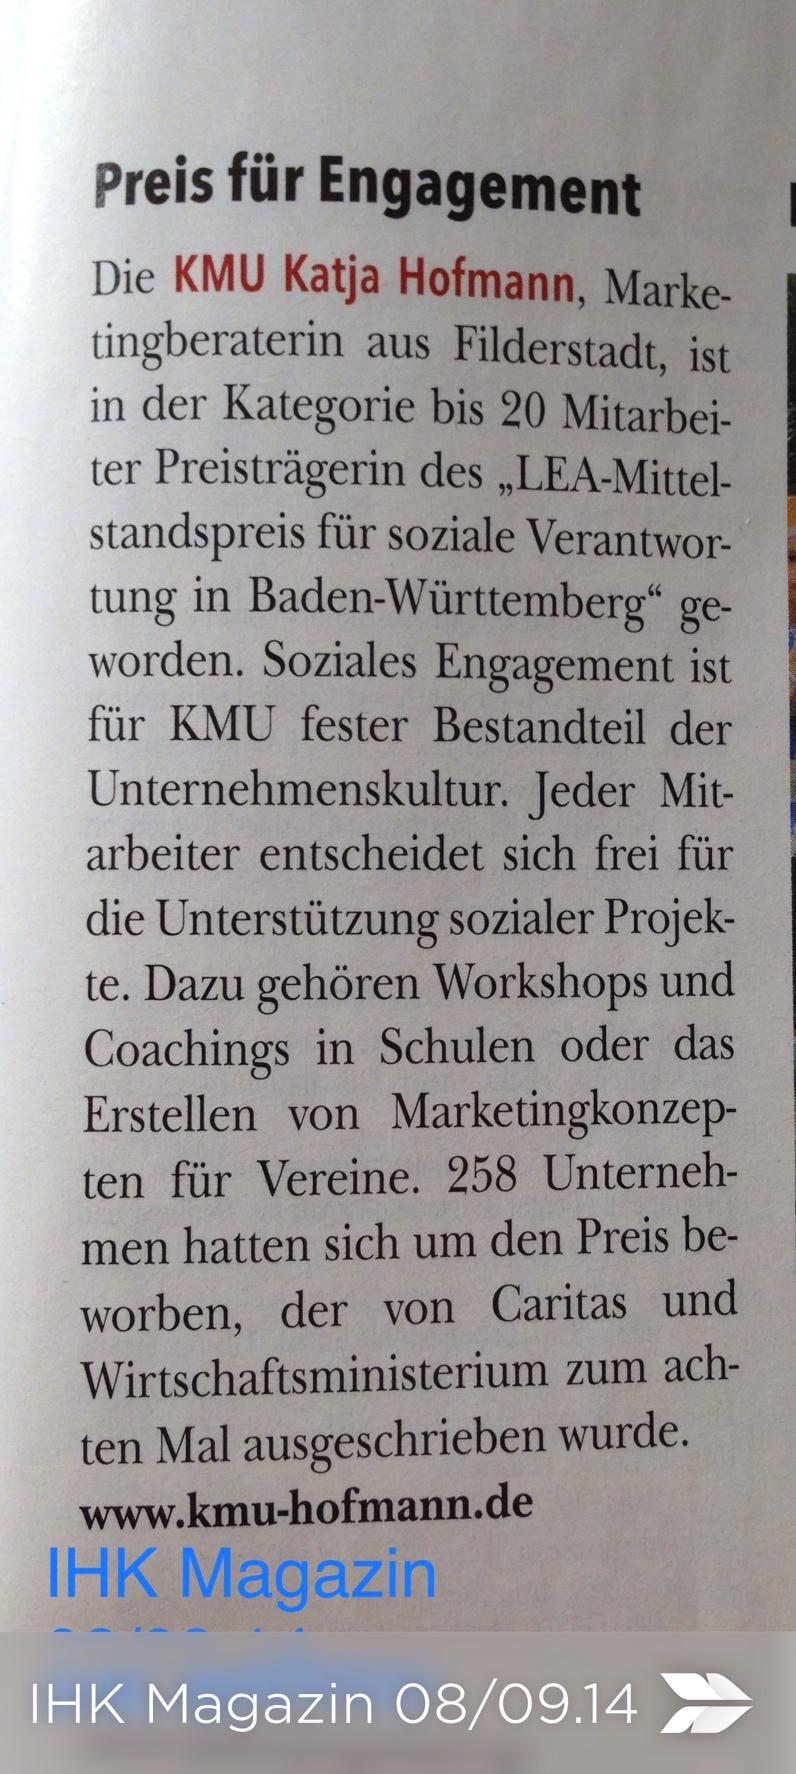 IHK Magazin KMU Preis für Engagement